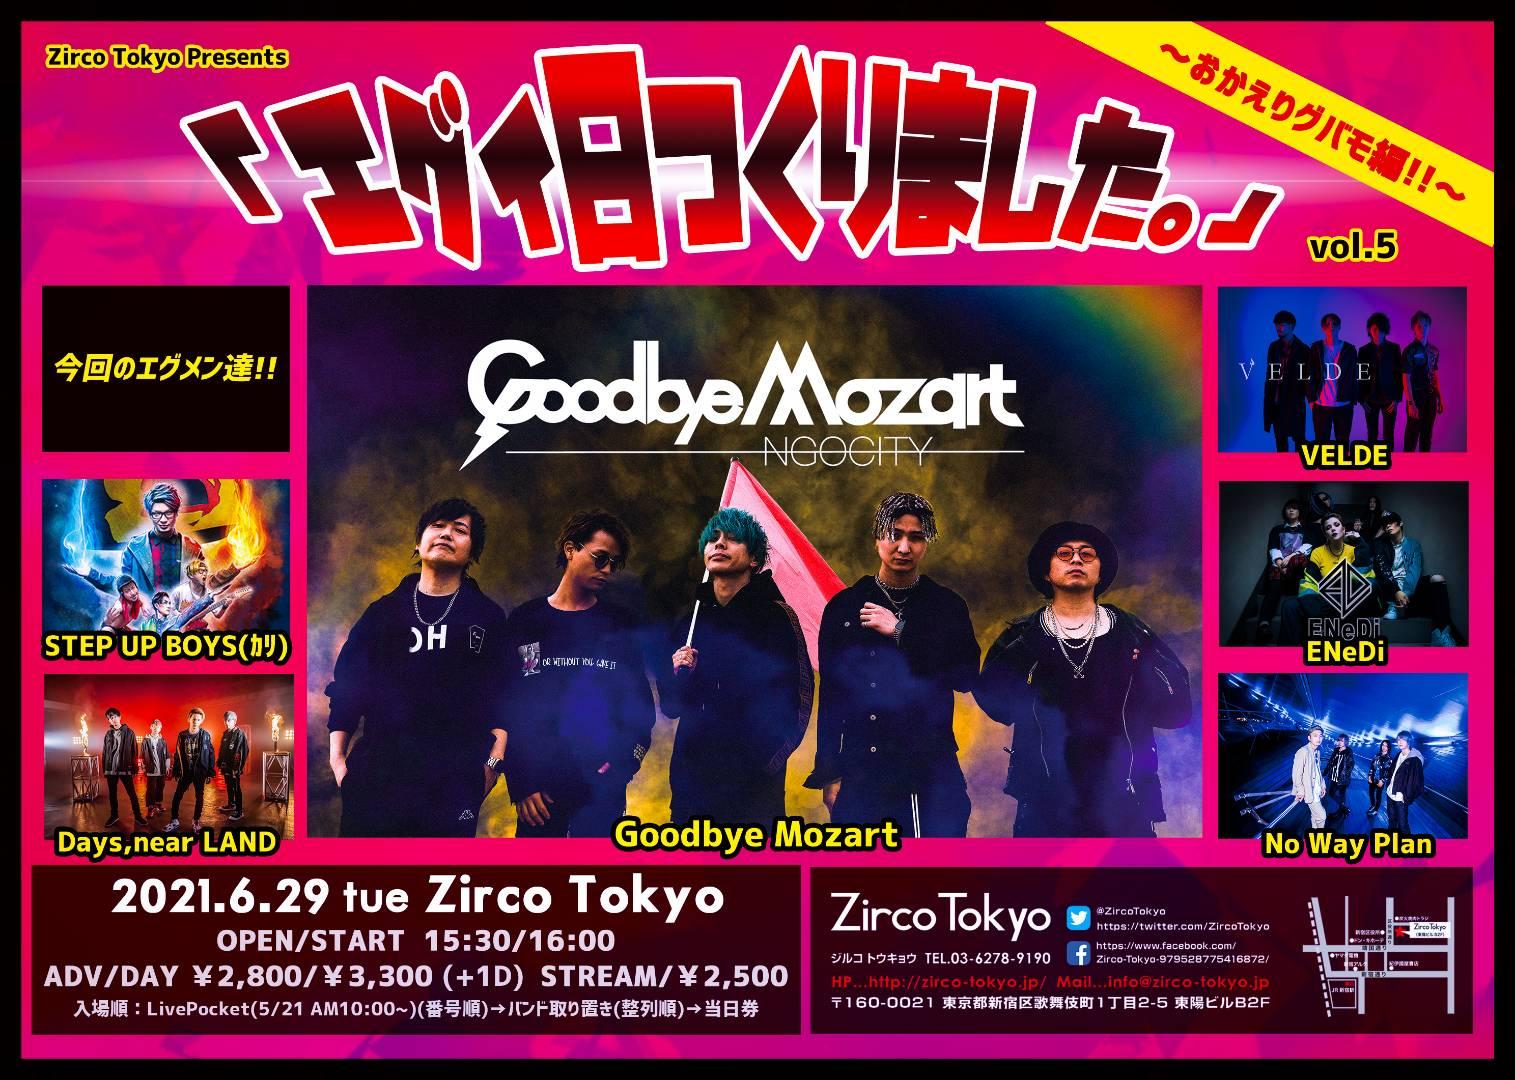 Zirco Tokyo Presents「エグイ日つくりました。」vol.5 ~おかえりグバモ編!!~